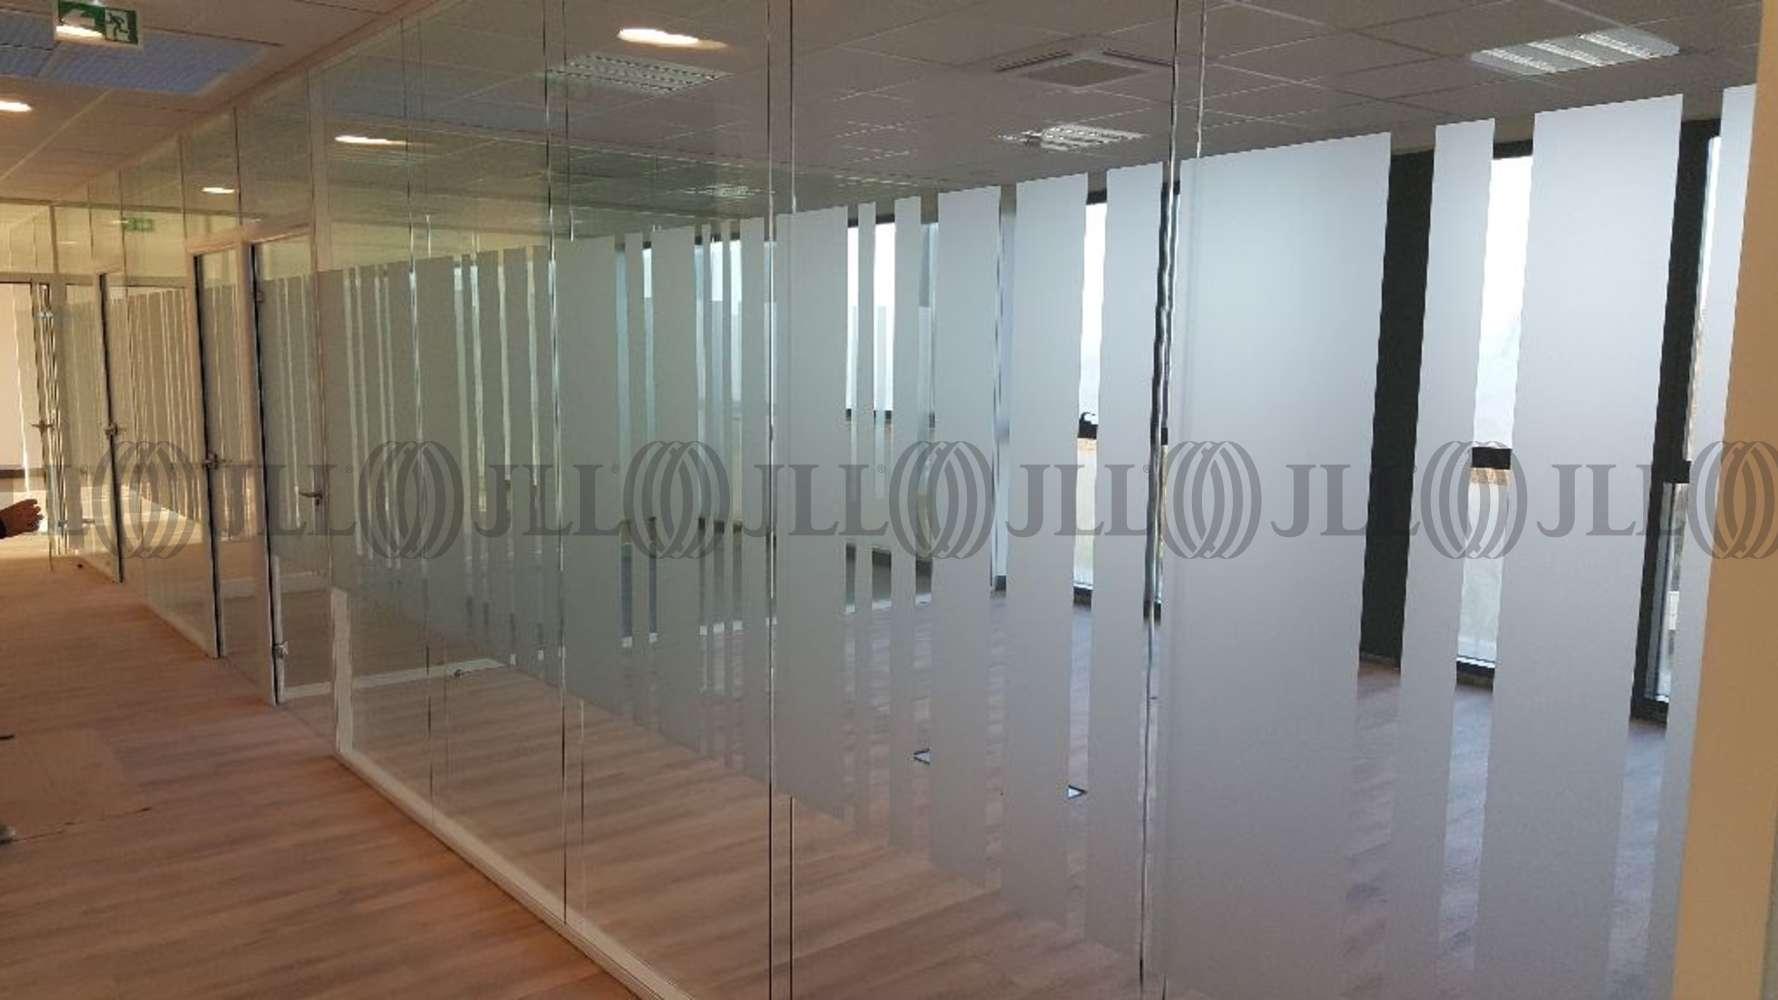 Activités/entrepôt Sucy en brie, 94370 - ECOPARC DE SUCY - 9451481